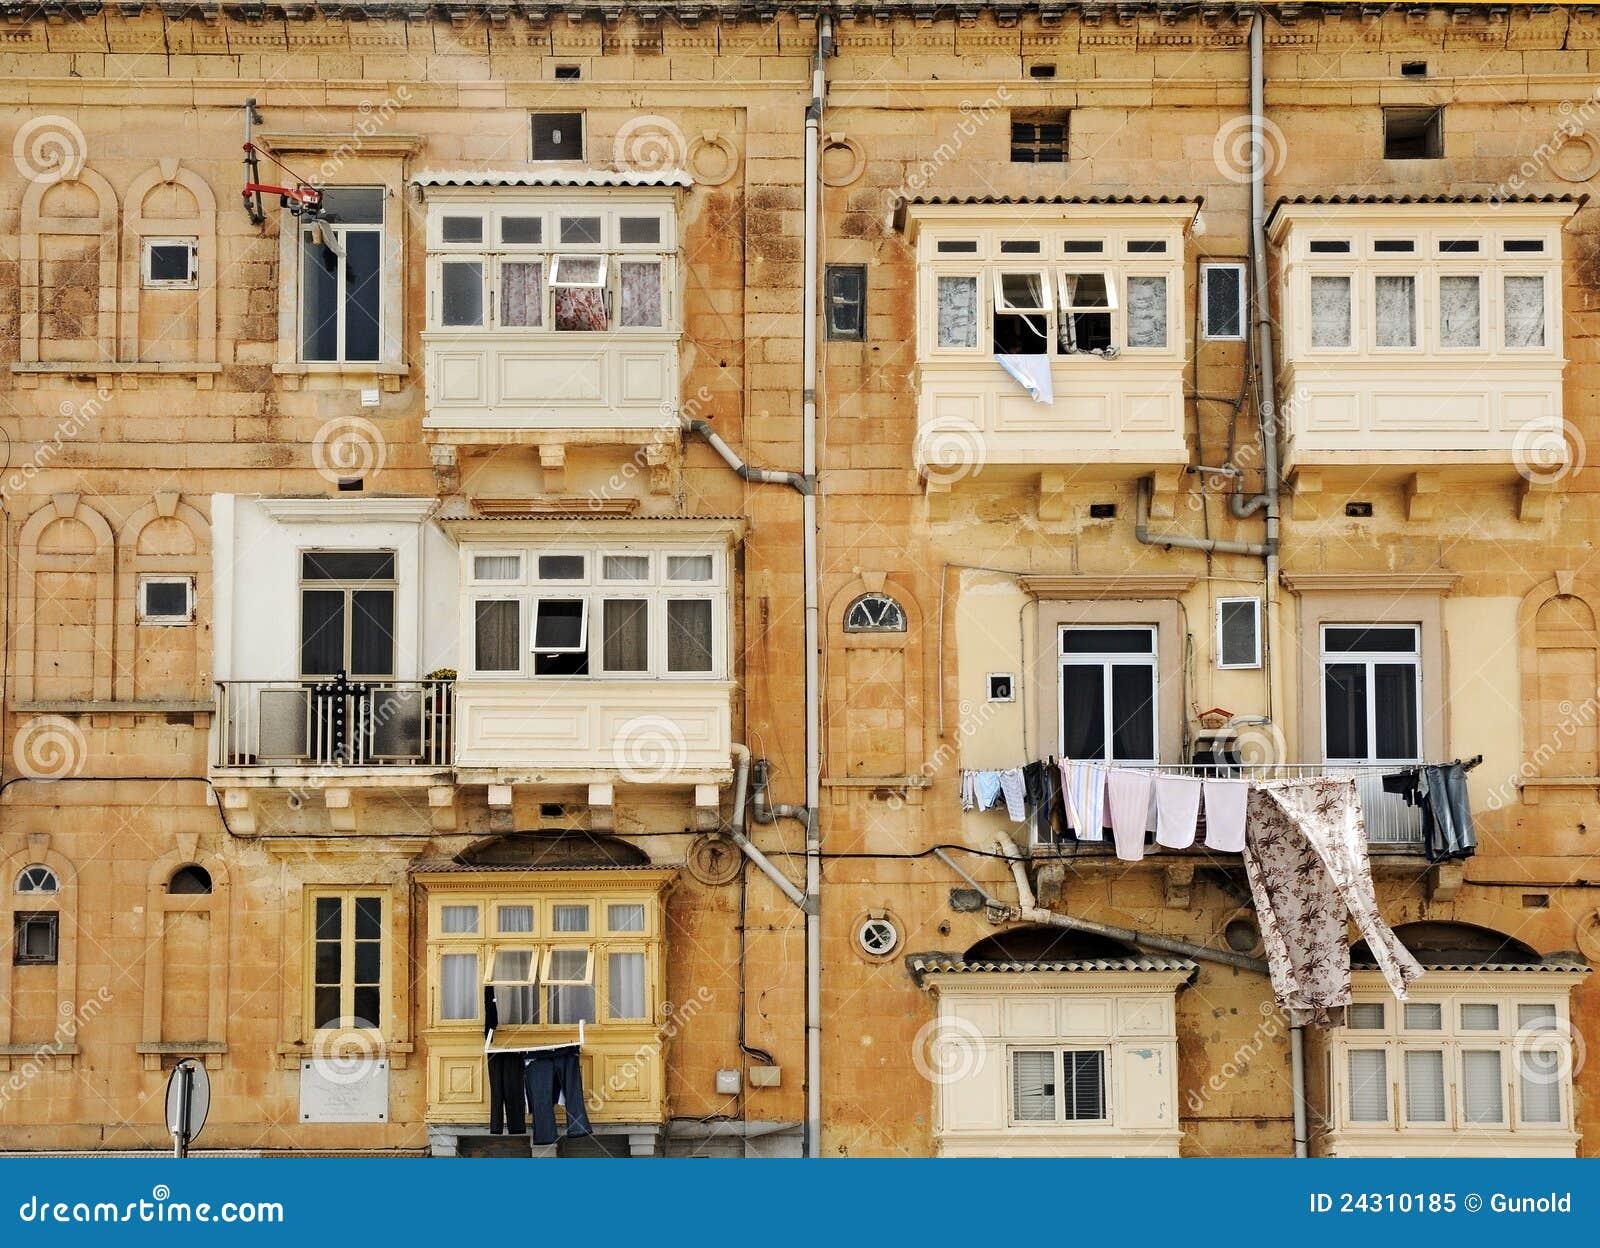 balcones cerrados foto de archivo libre de regal as